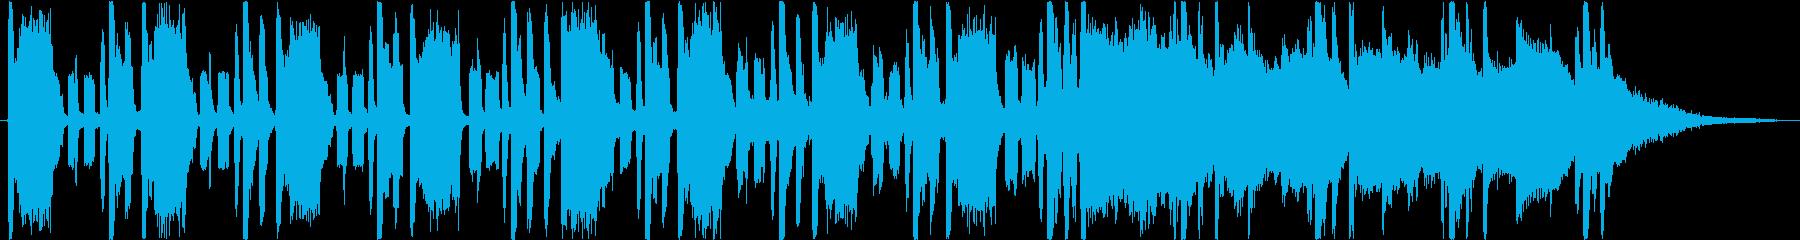 短縮版】ダブステップ コミカル オシャレの再生済みの波形